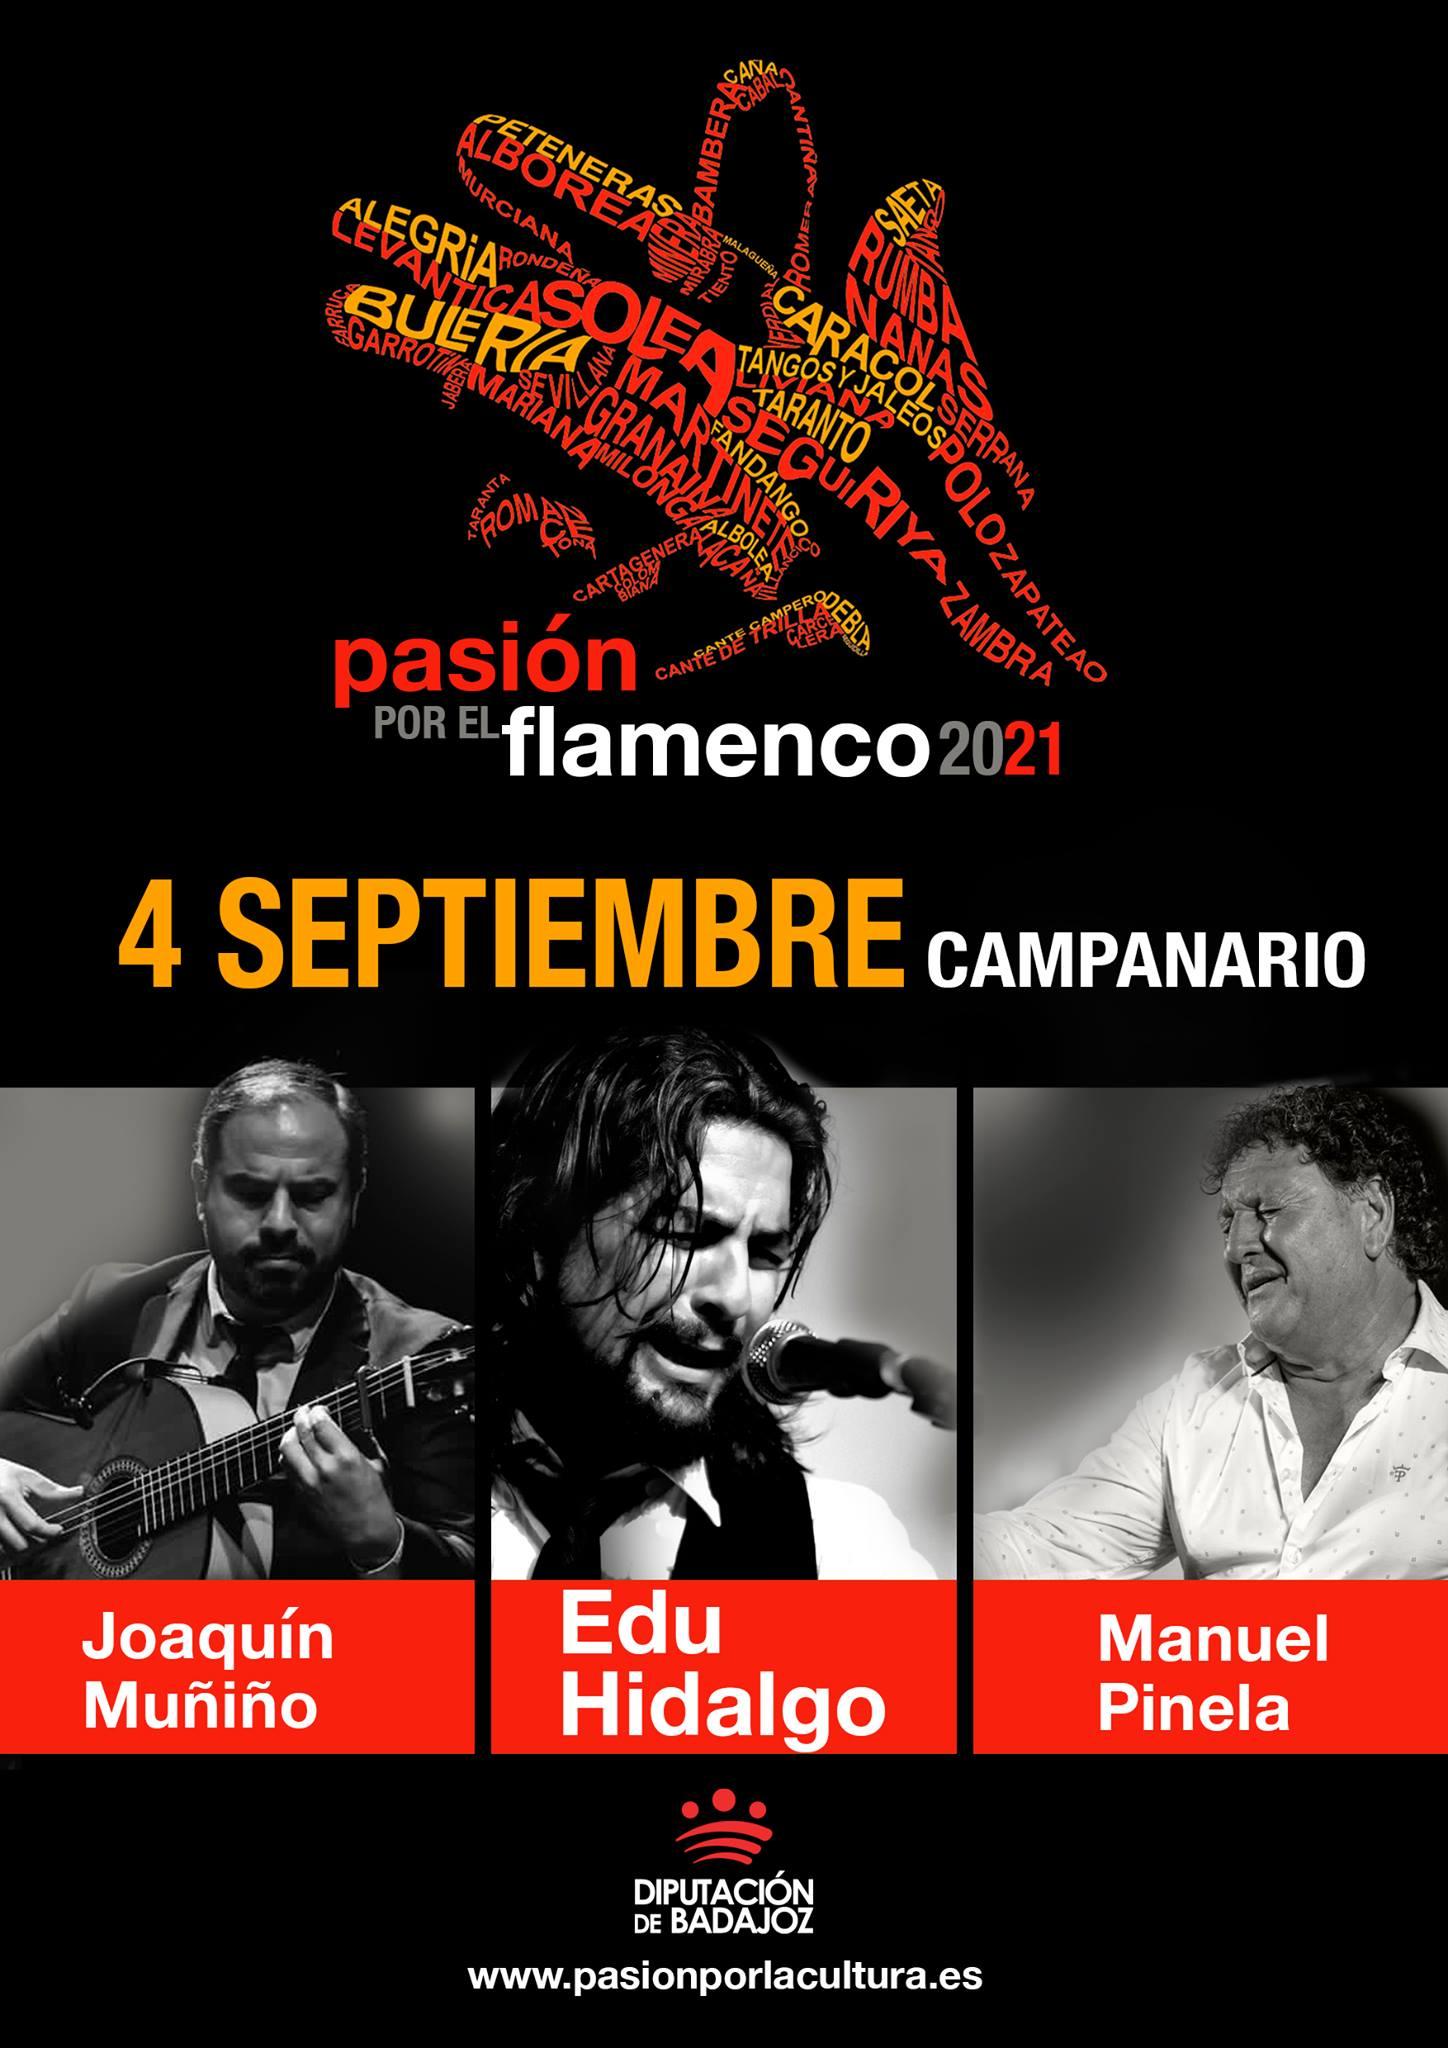 PASIÓN POR EL FLAMENCO | Edu Hidalgo + Manuel Pinela + Joaquín Muñino